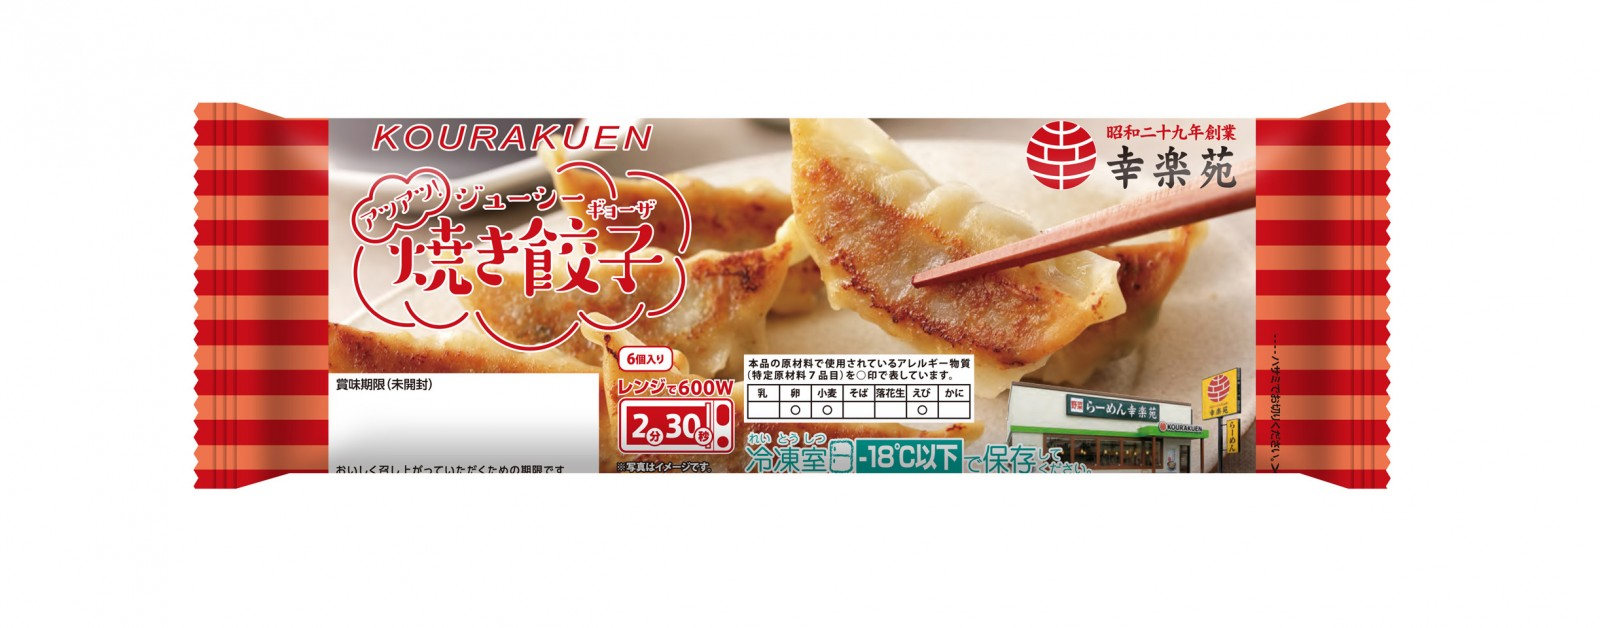 「米久」×「幸楽苑」 電子レンジでできる「幸楽苑 焼き餃子」(冷凍食品)、幸楽苑の店舗、スーパーで新発売